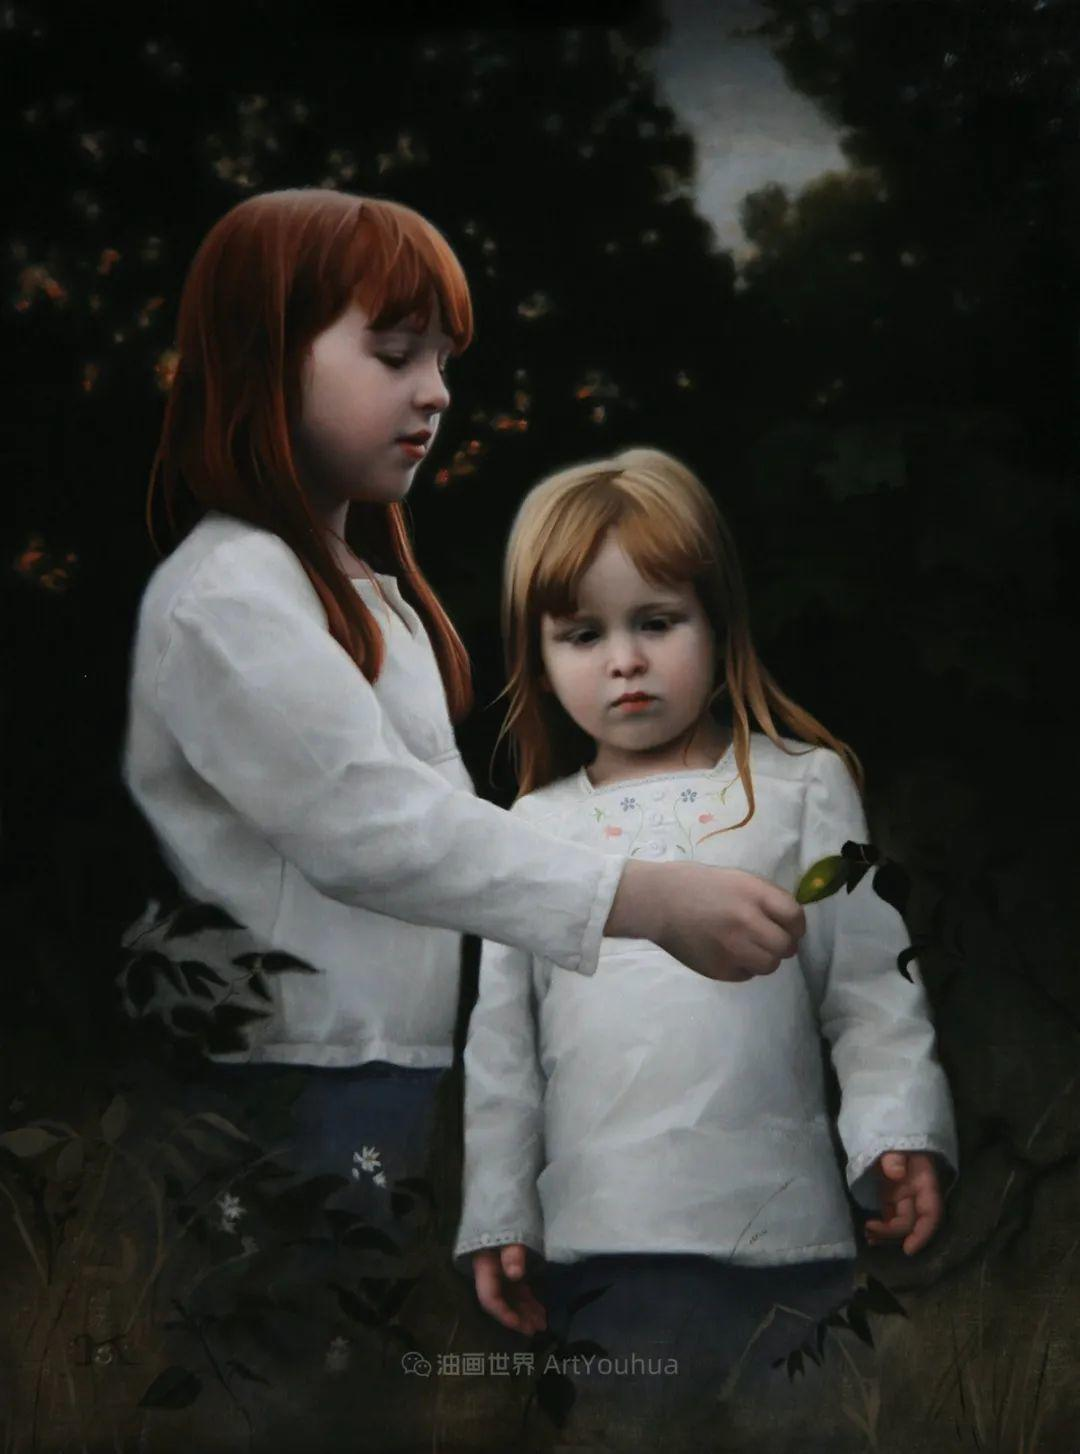 细致入微的静物与肖像,加拿大女画家凯瑟琳·斯通插图71